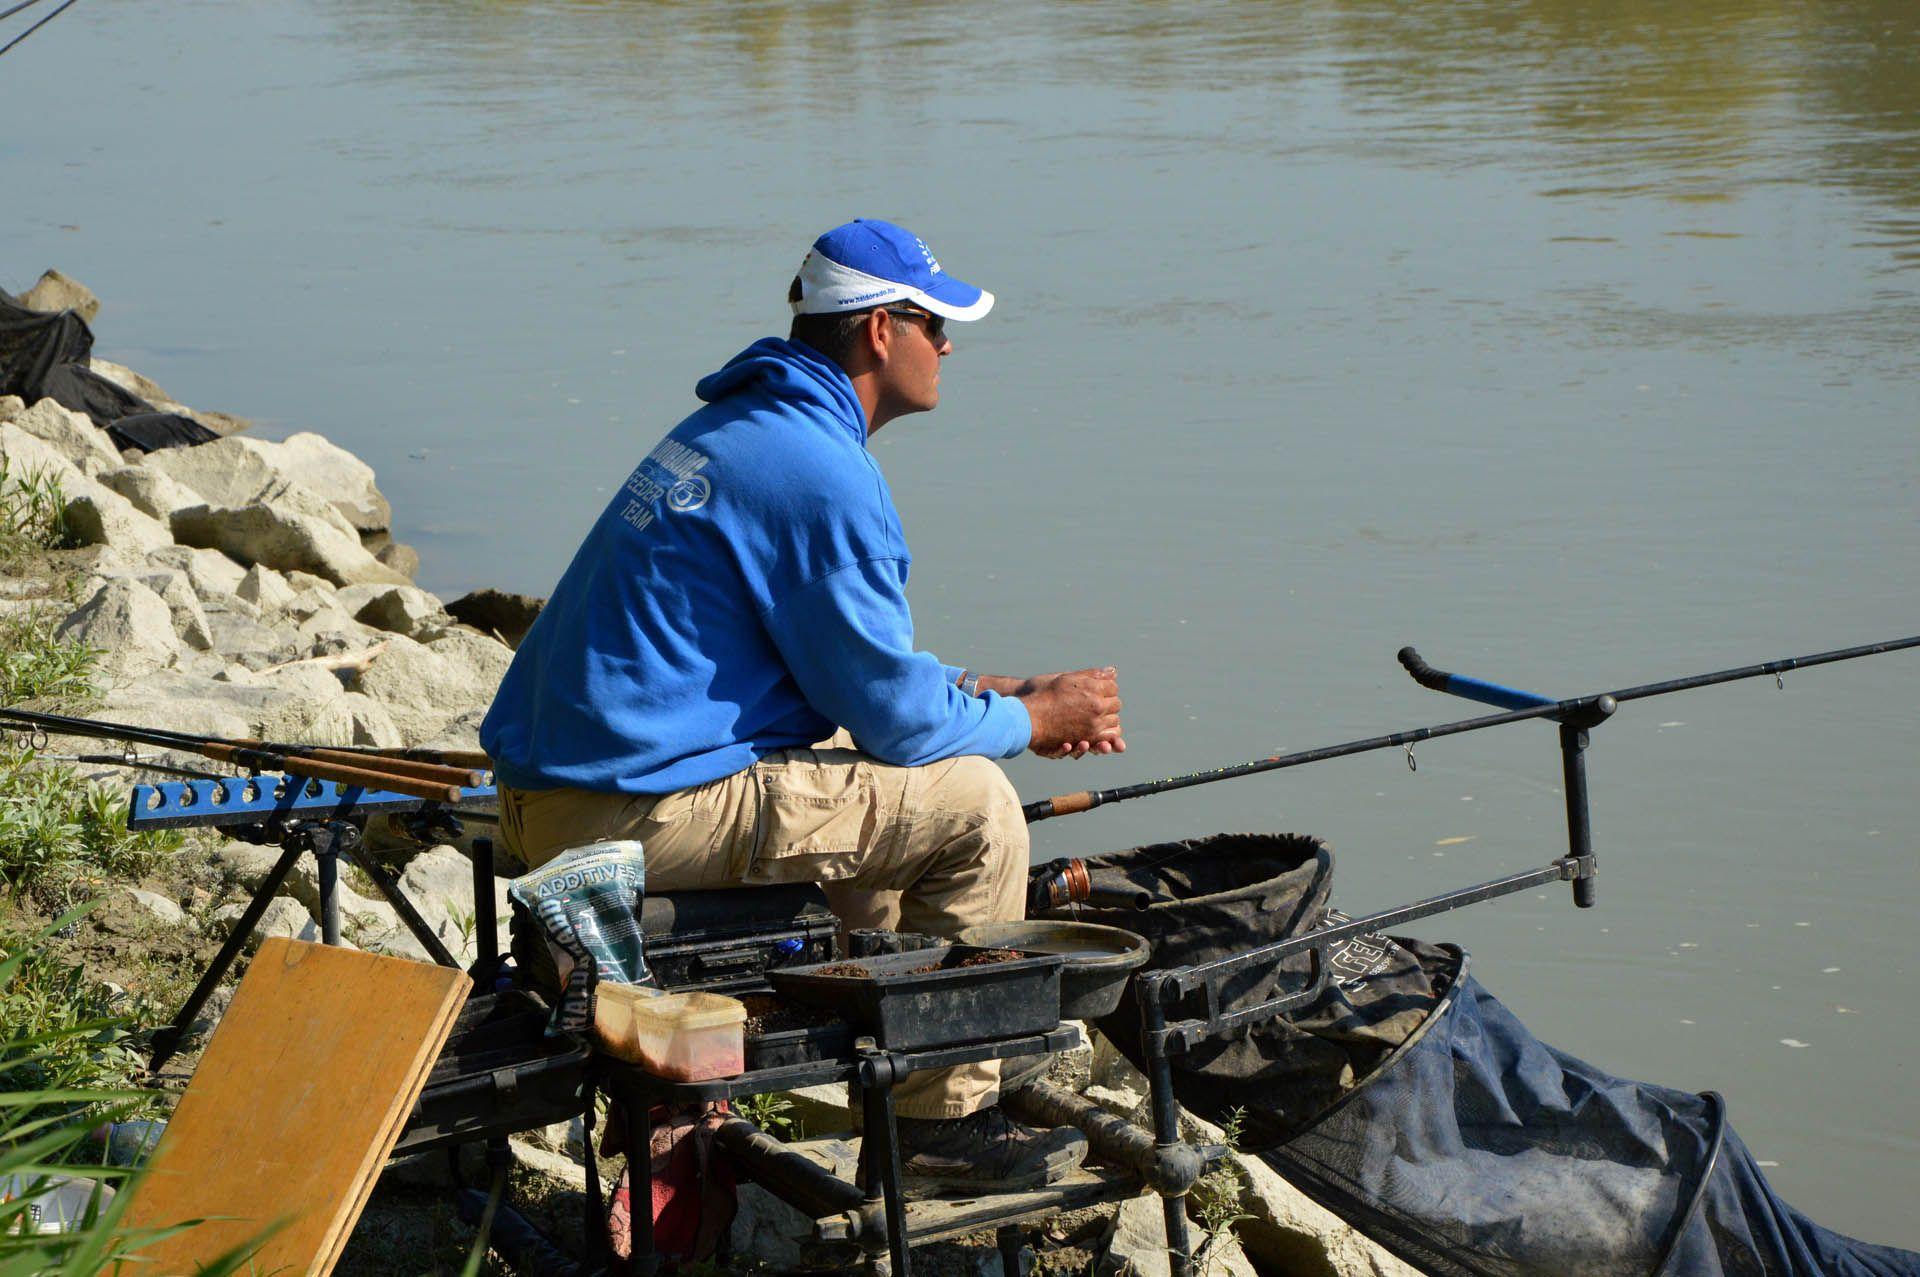 A versenyszerű folyóvízi peca egy nagyon aktív, nagy koncentrációt igénylő műfaj, ami nem éppen pihentető időtöltés